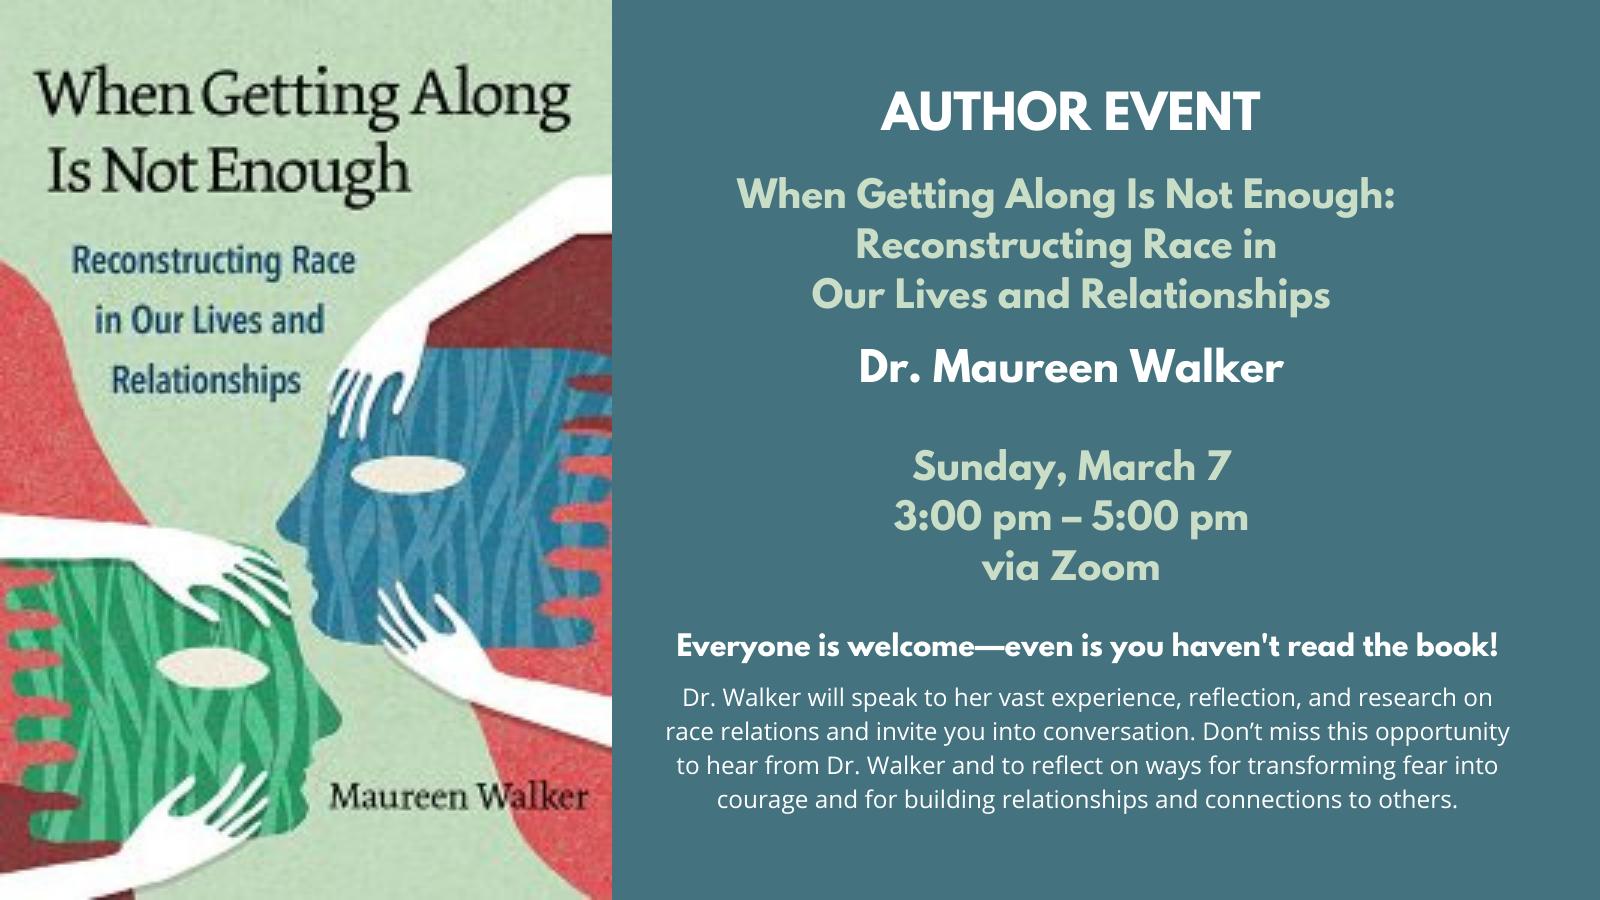 Author_event_maureen_walker